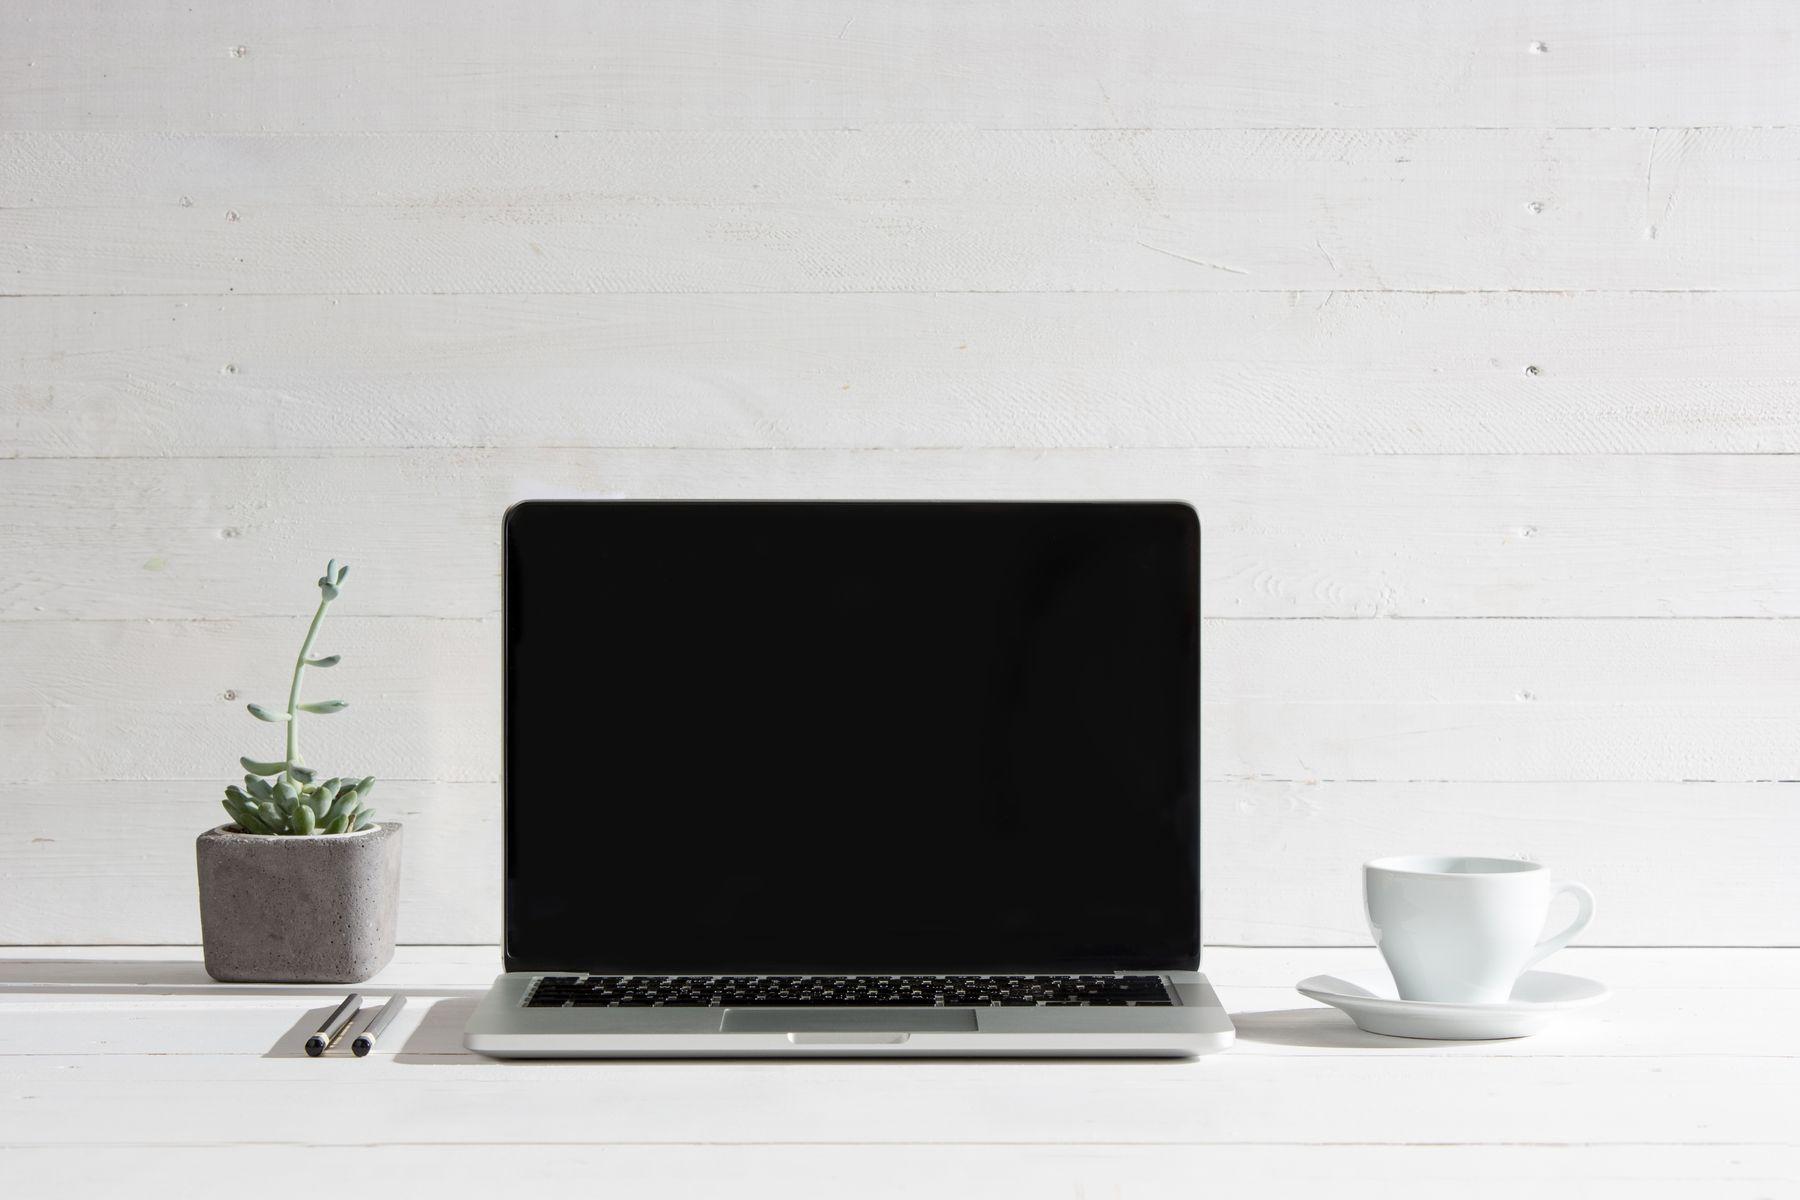 Vệ sinh màn hình laptop